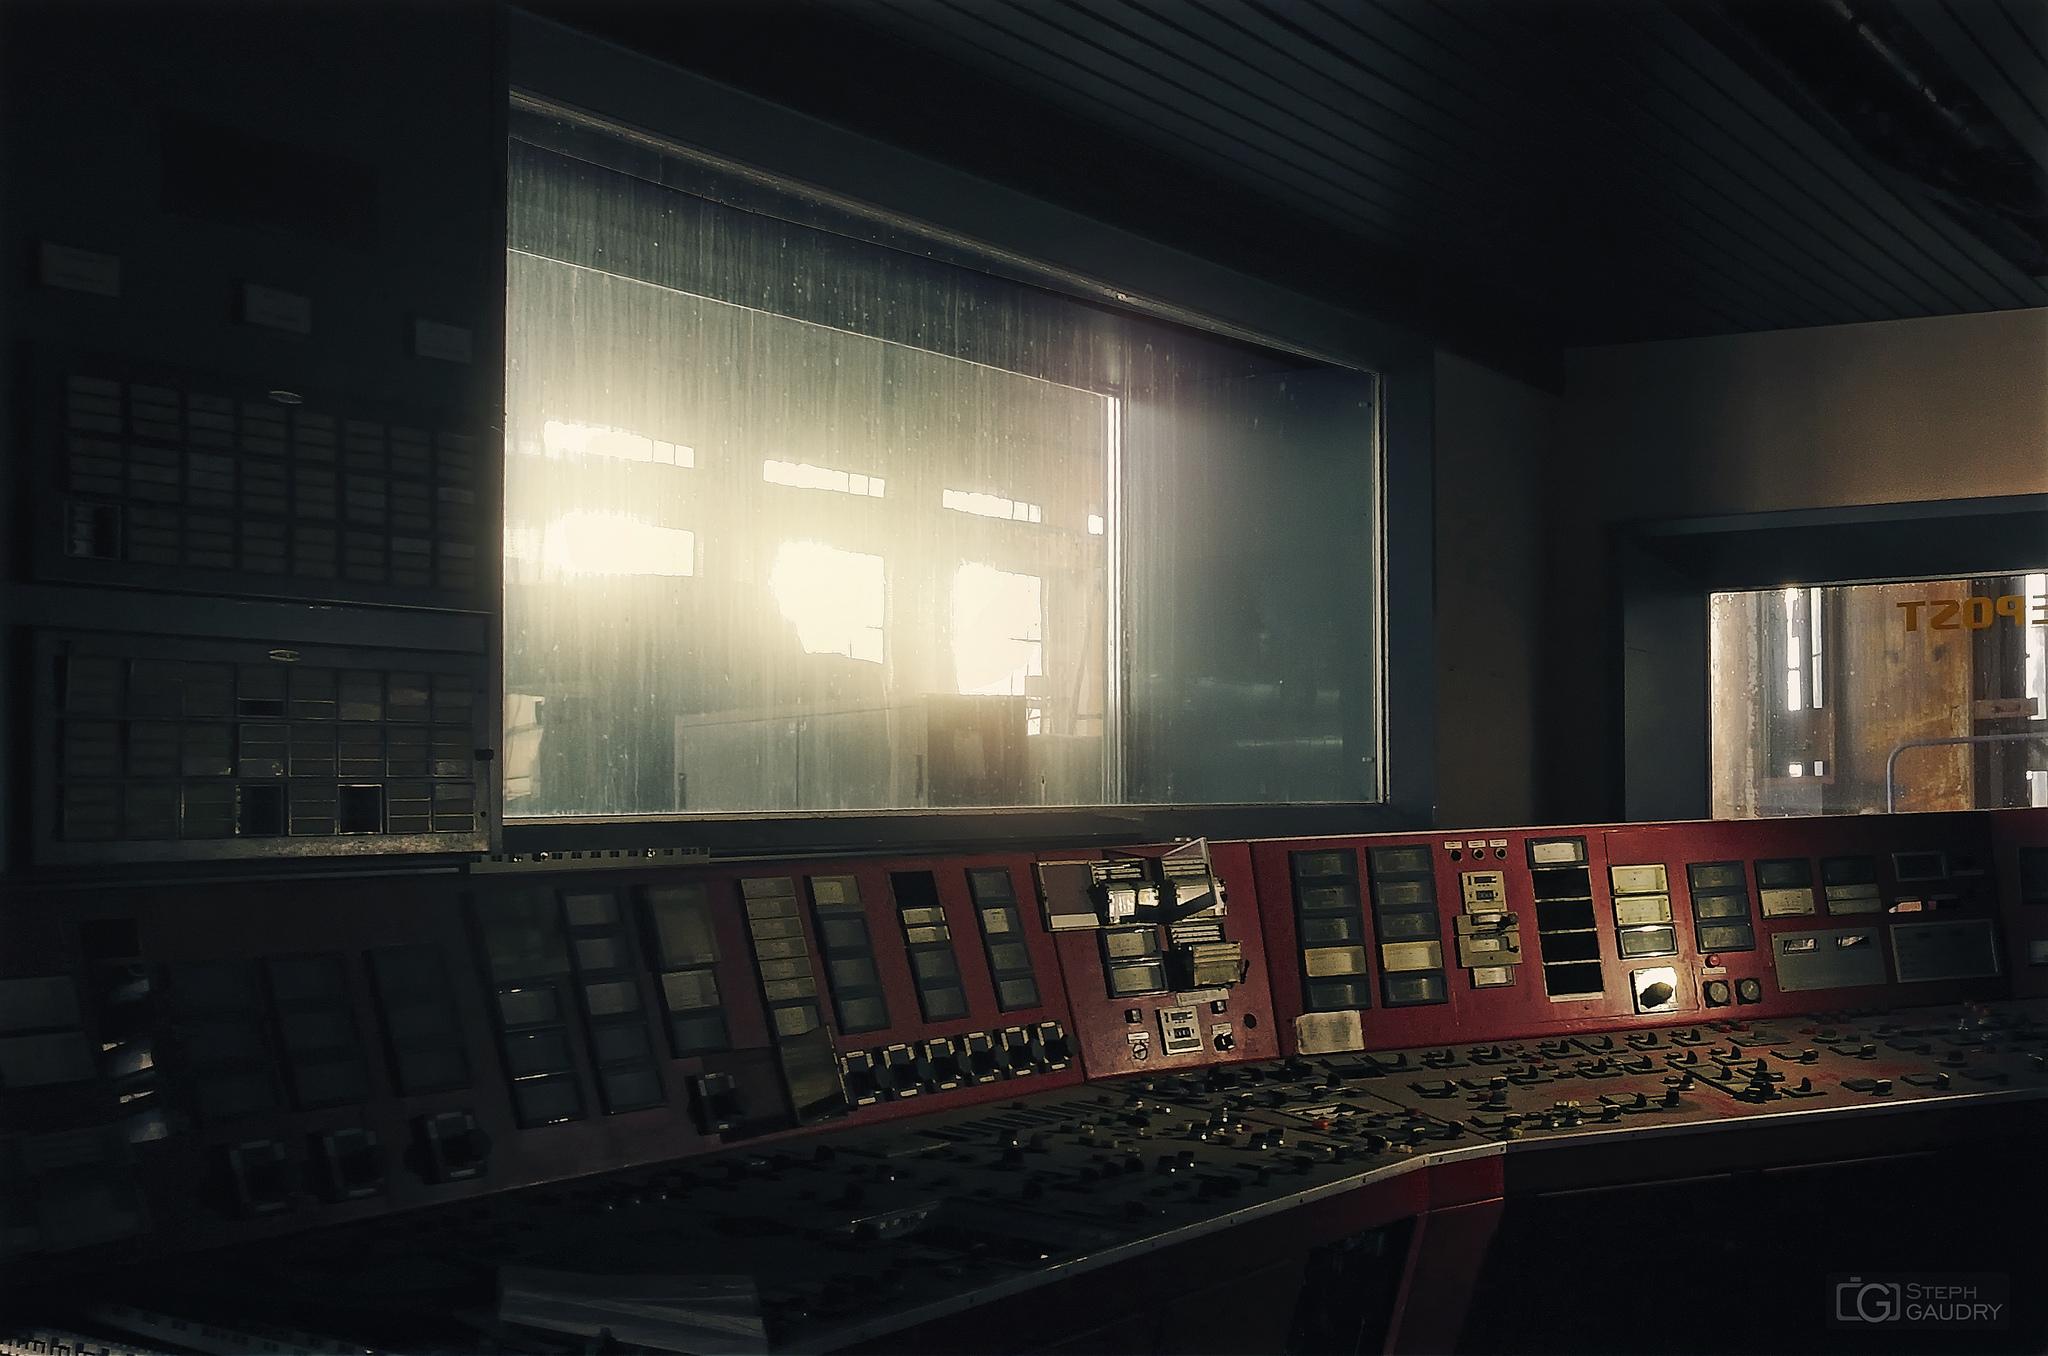 ECVB - Red control room - APS-C format (16-24) [Klik om de diavoorstelling te starten]